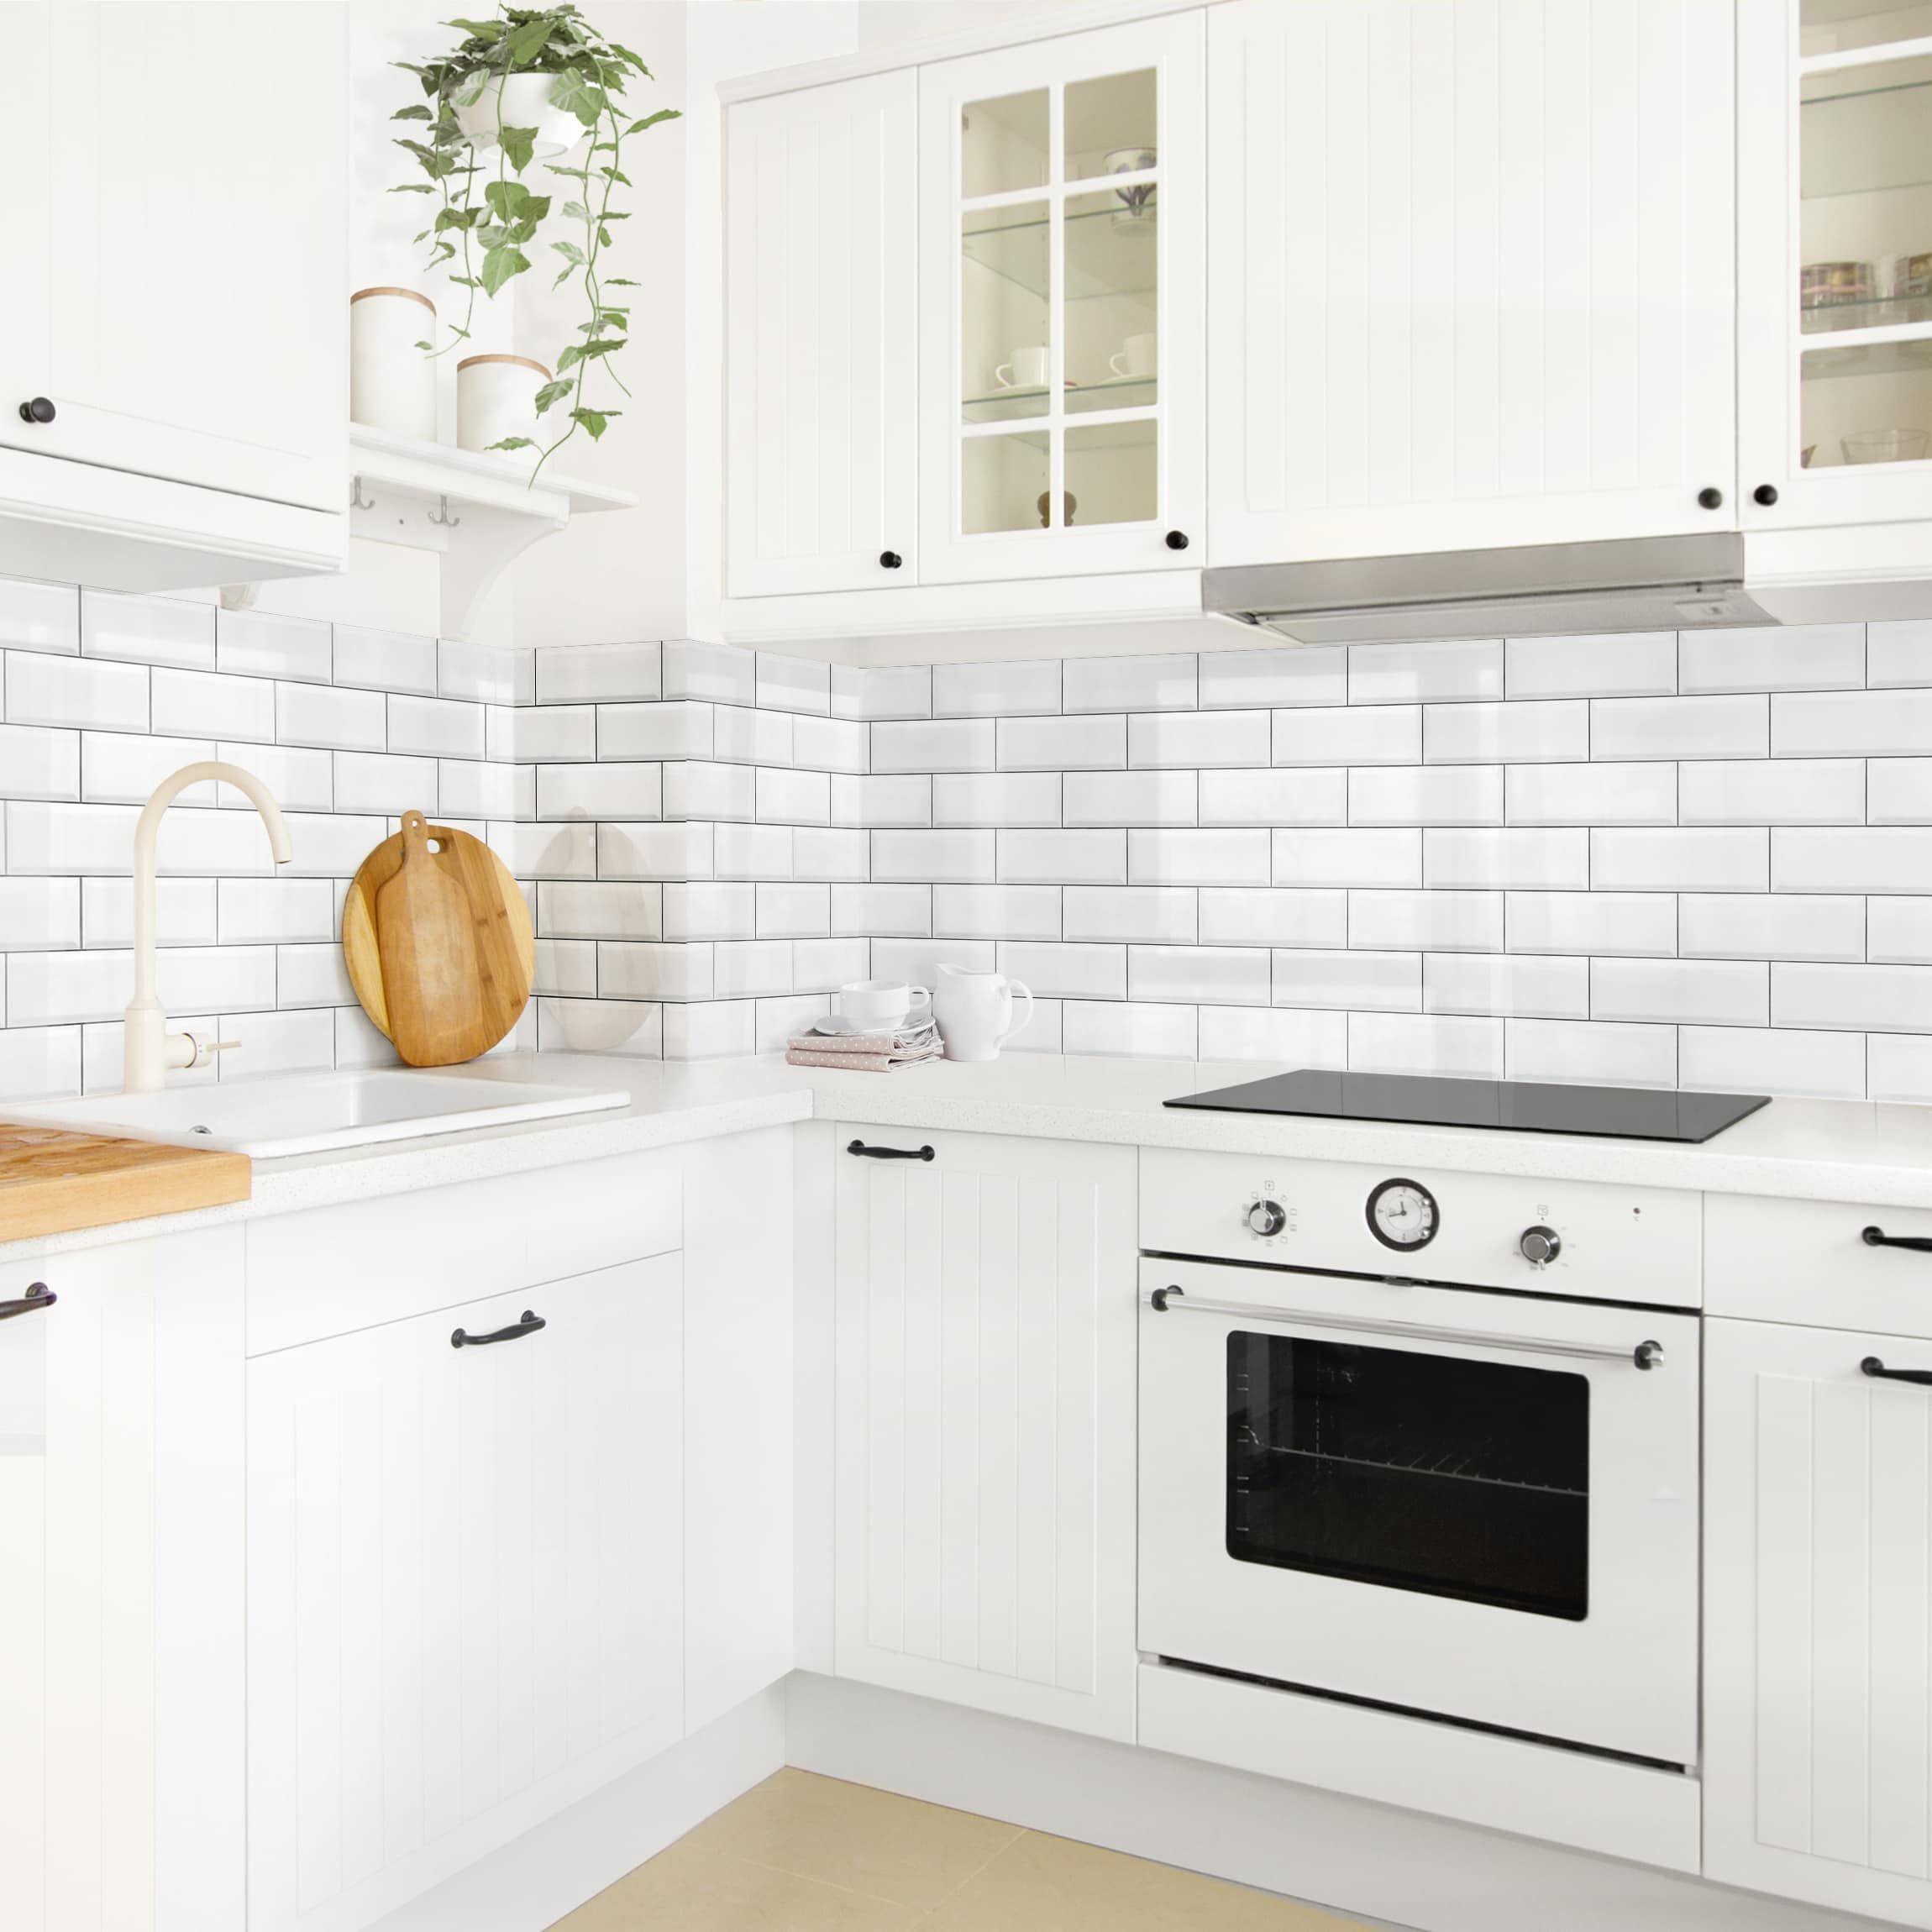 Rivestimento cucina - Mattonelle in ceramica bianche nel ...